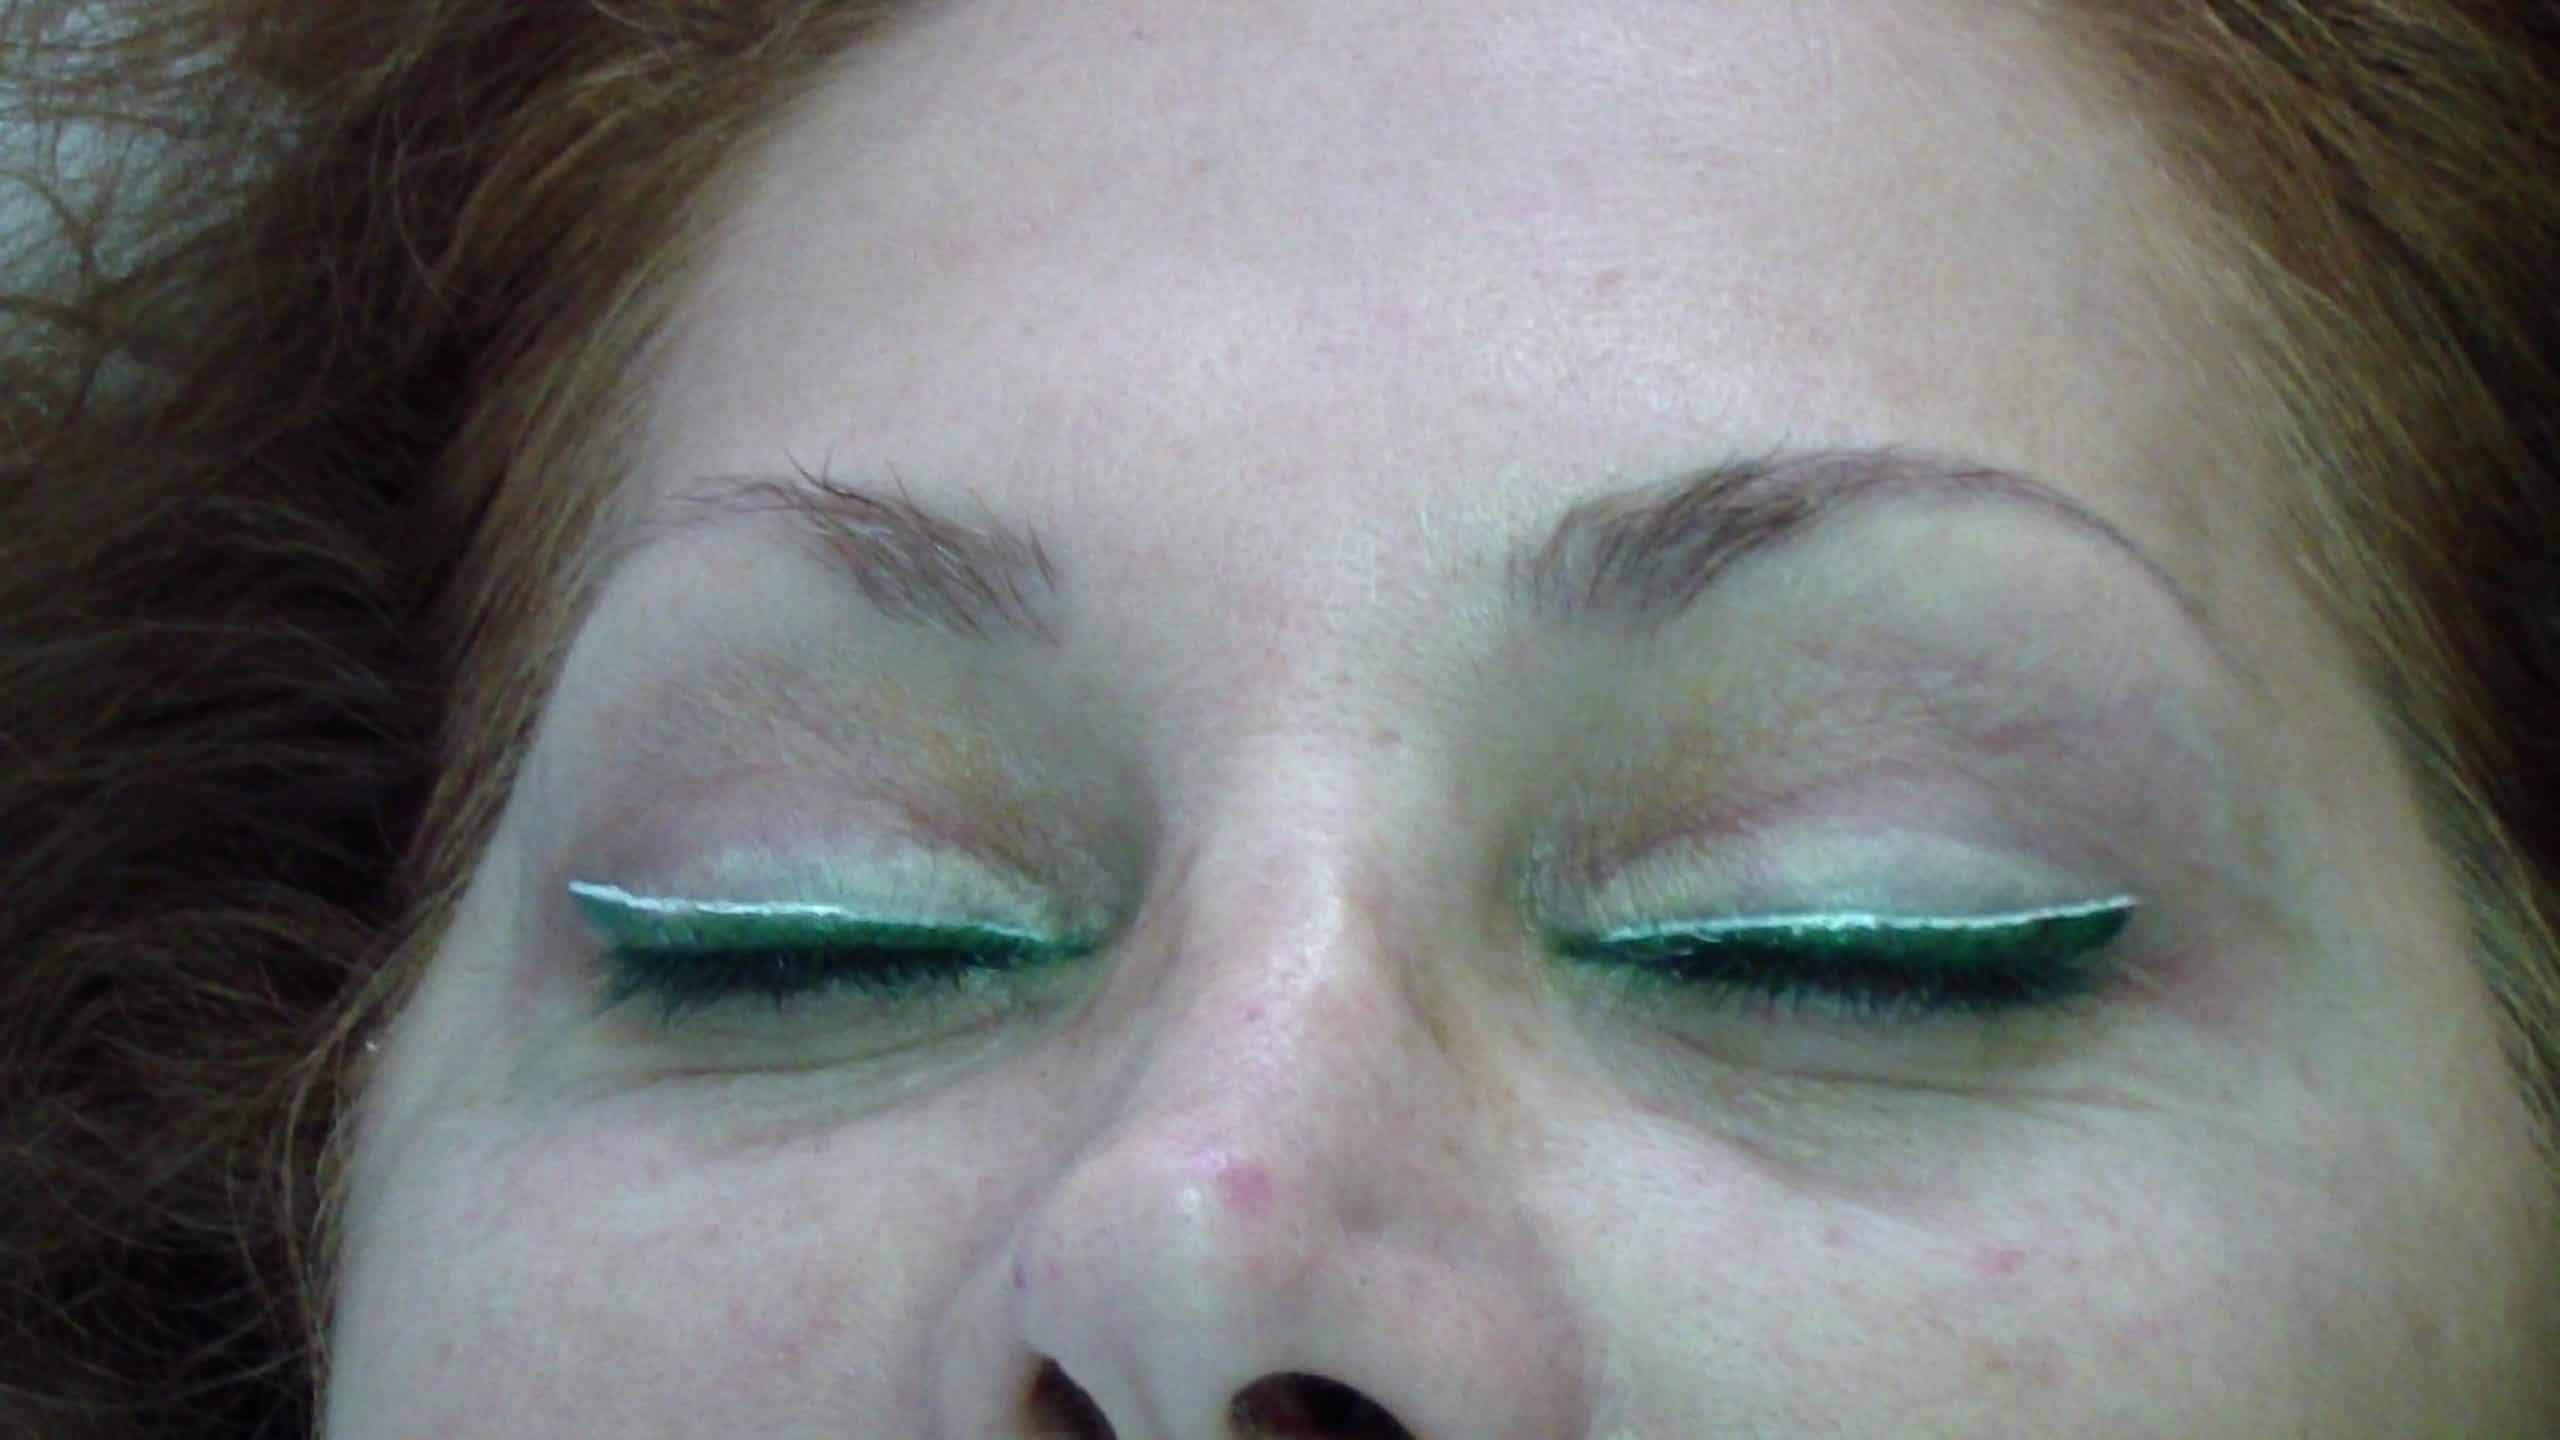 איפור קבוע עיניים איליינר עליון ותחתון וצלליות